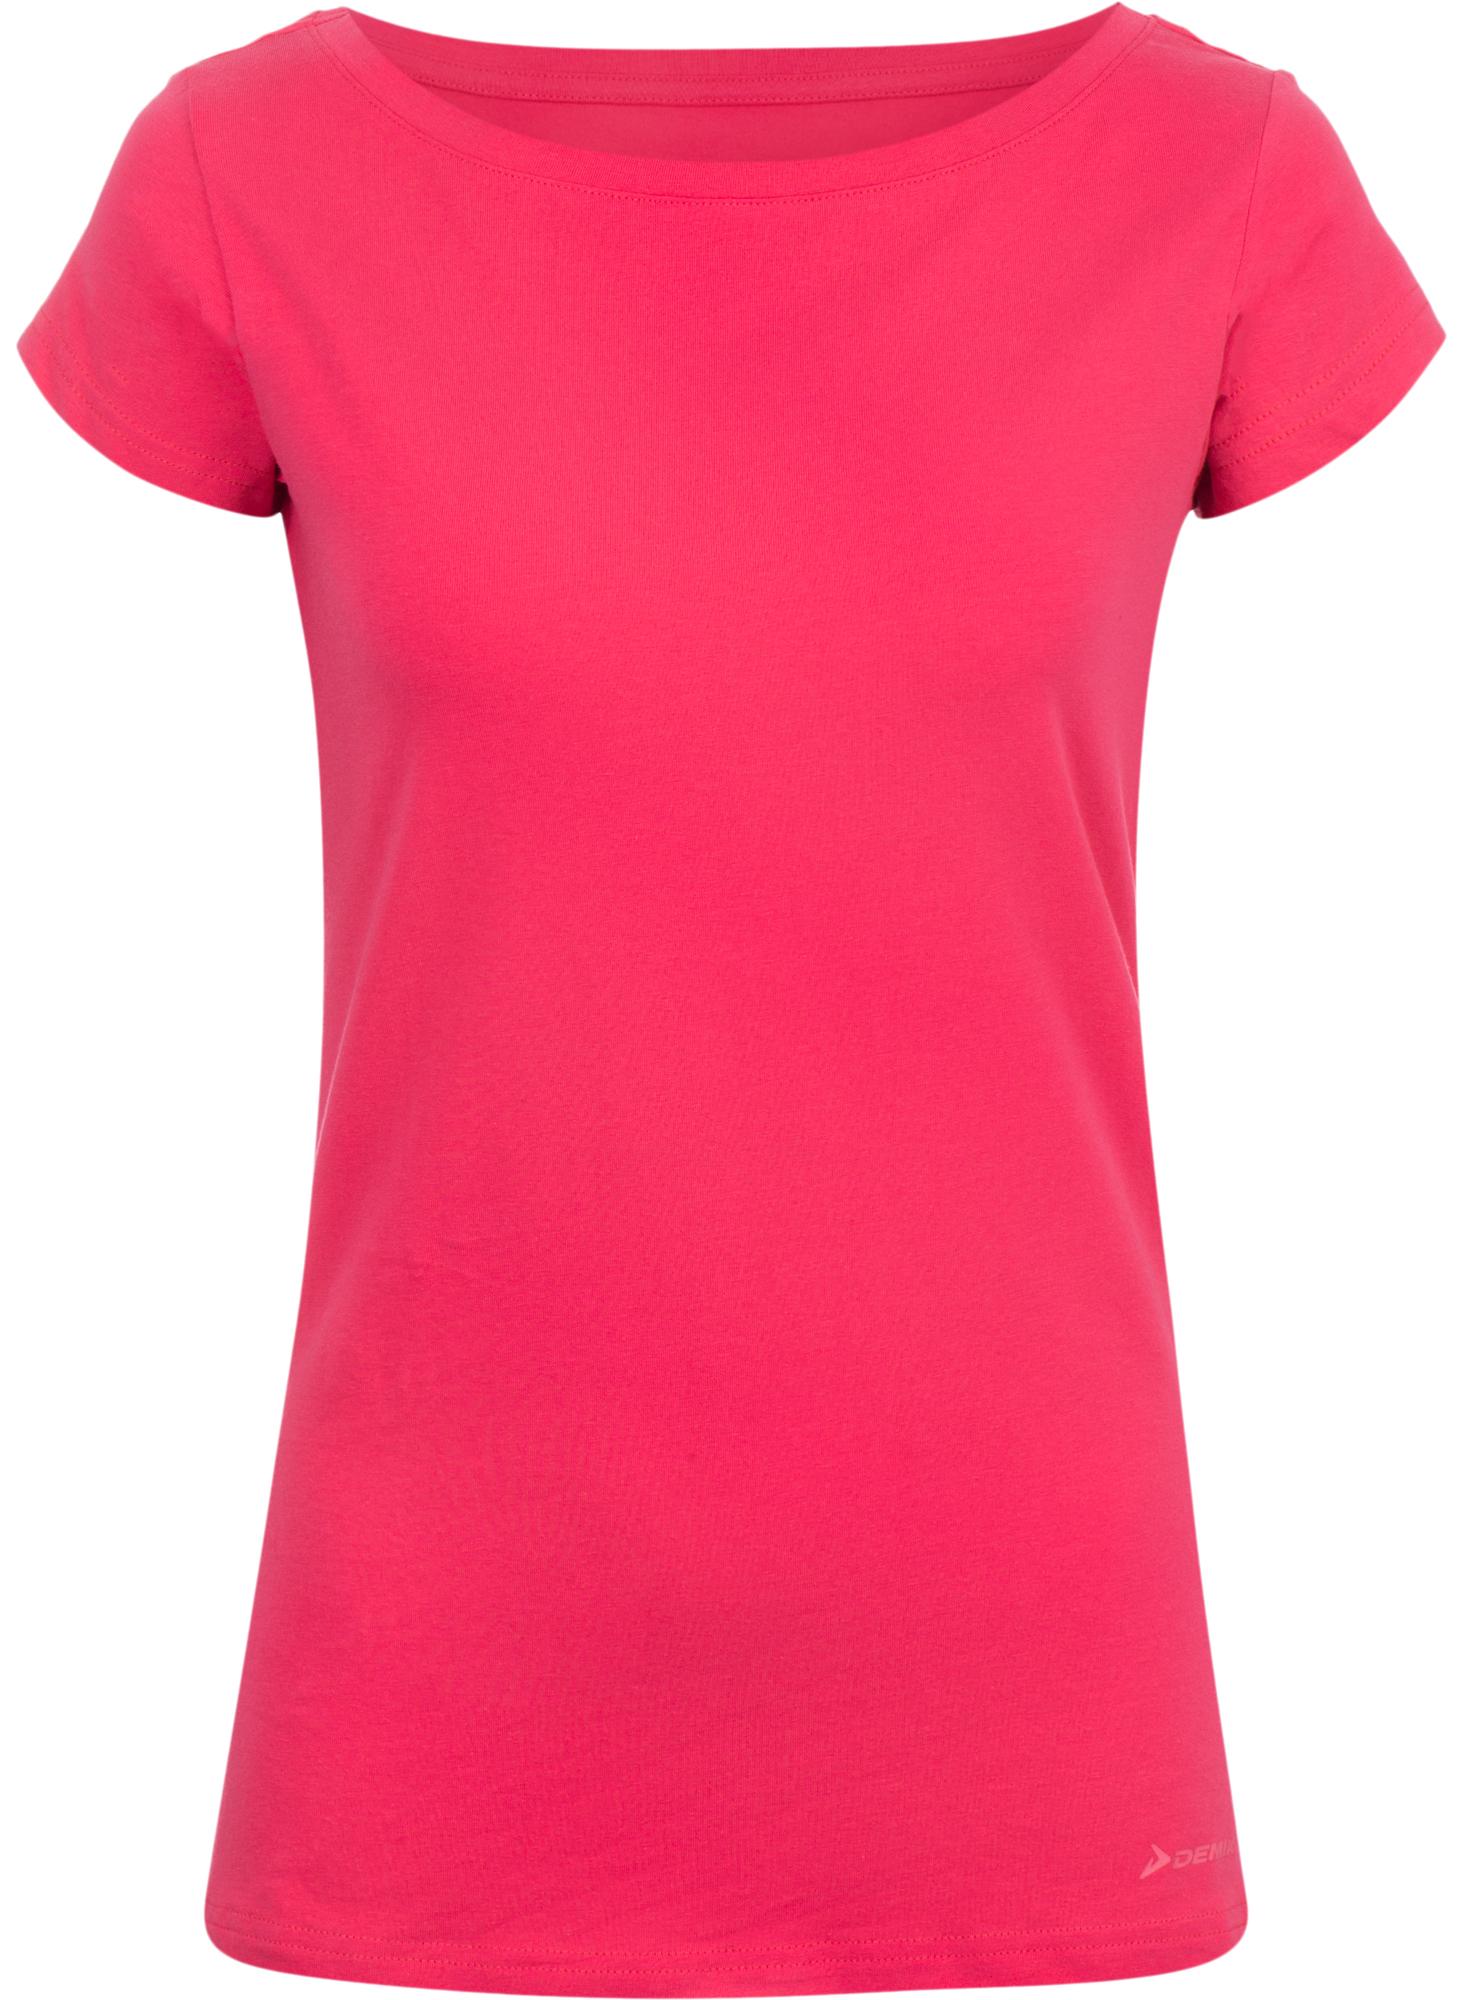 Demix Футболка женская Demix demix футболка женская demix